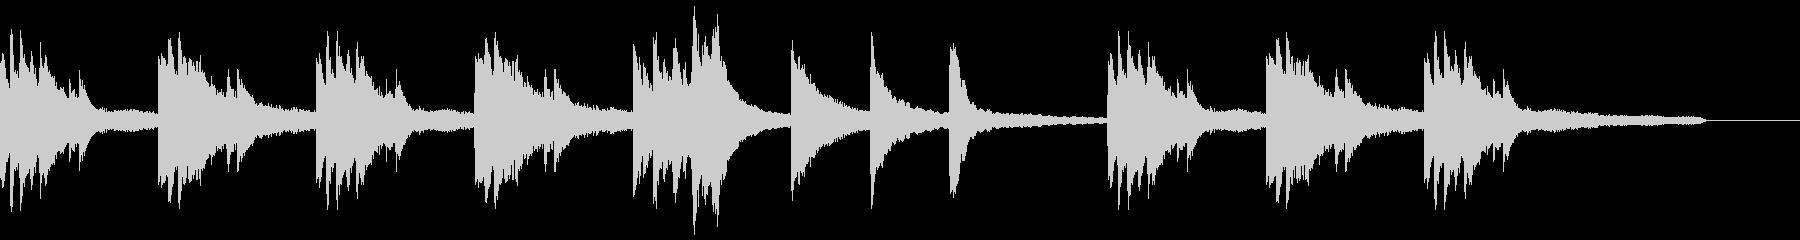 ゲームアニメCM向け静かなピアノソロの未再生の波形